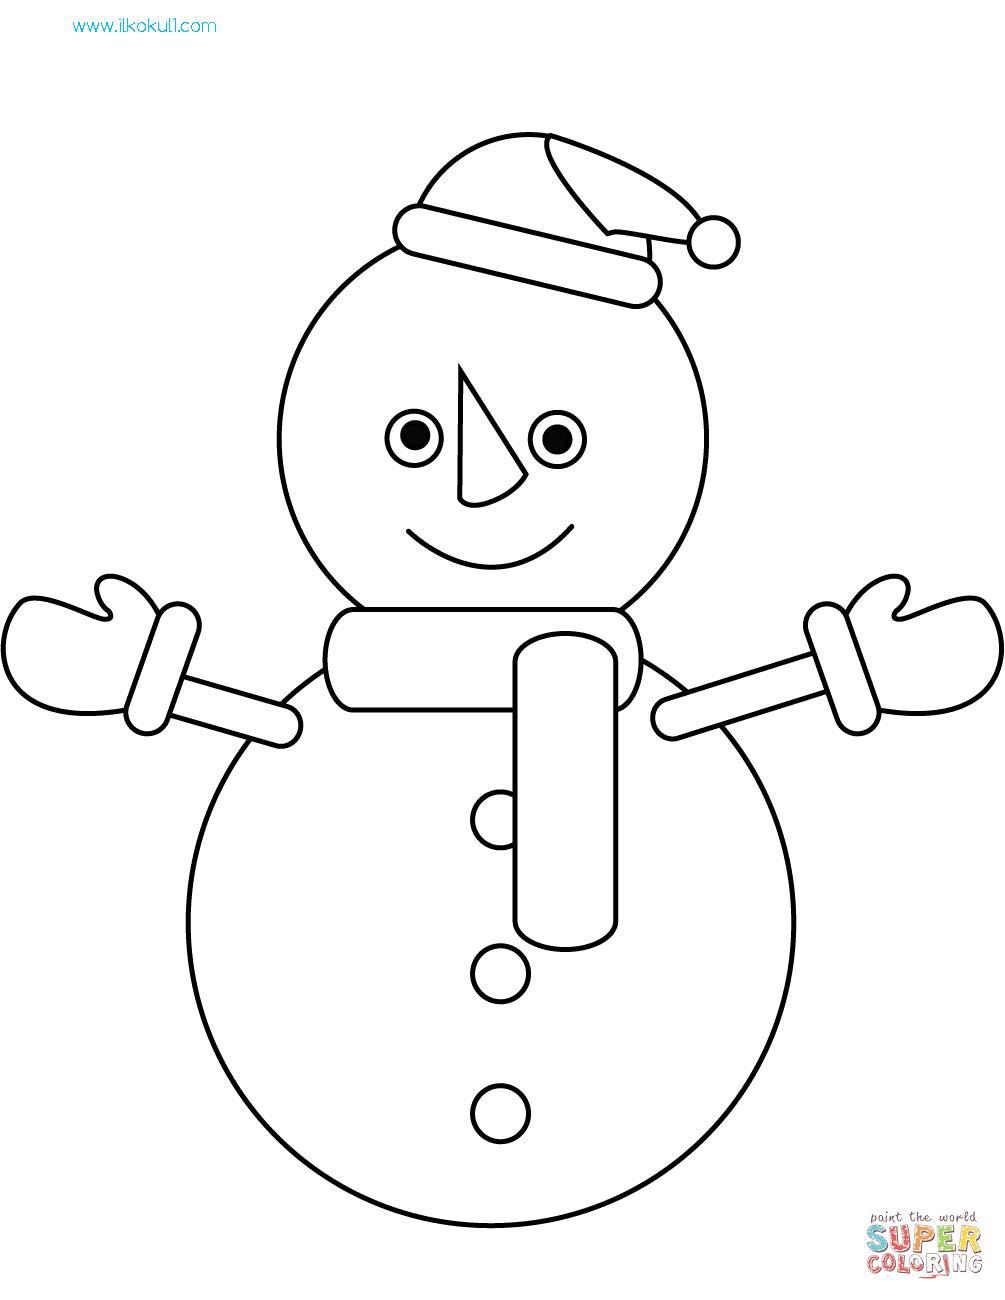 Kardan Adam Boyama Sayfasi 6 Sinif Ogretmenleri Icin Ucretsiz